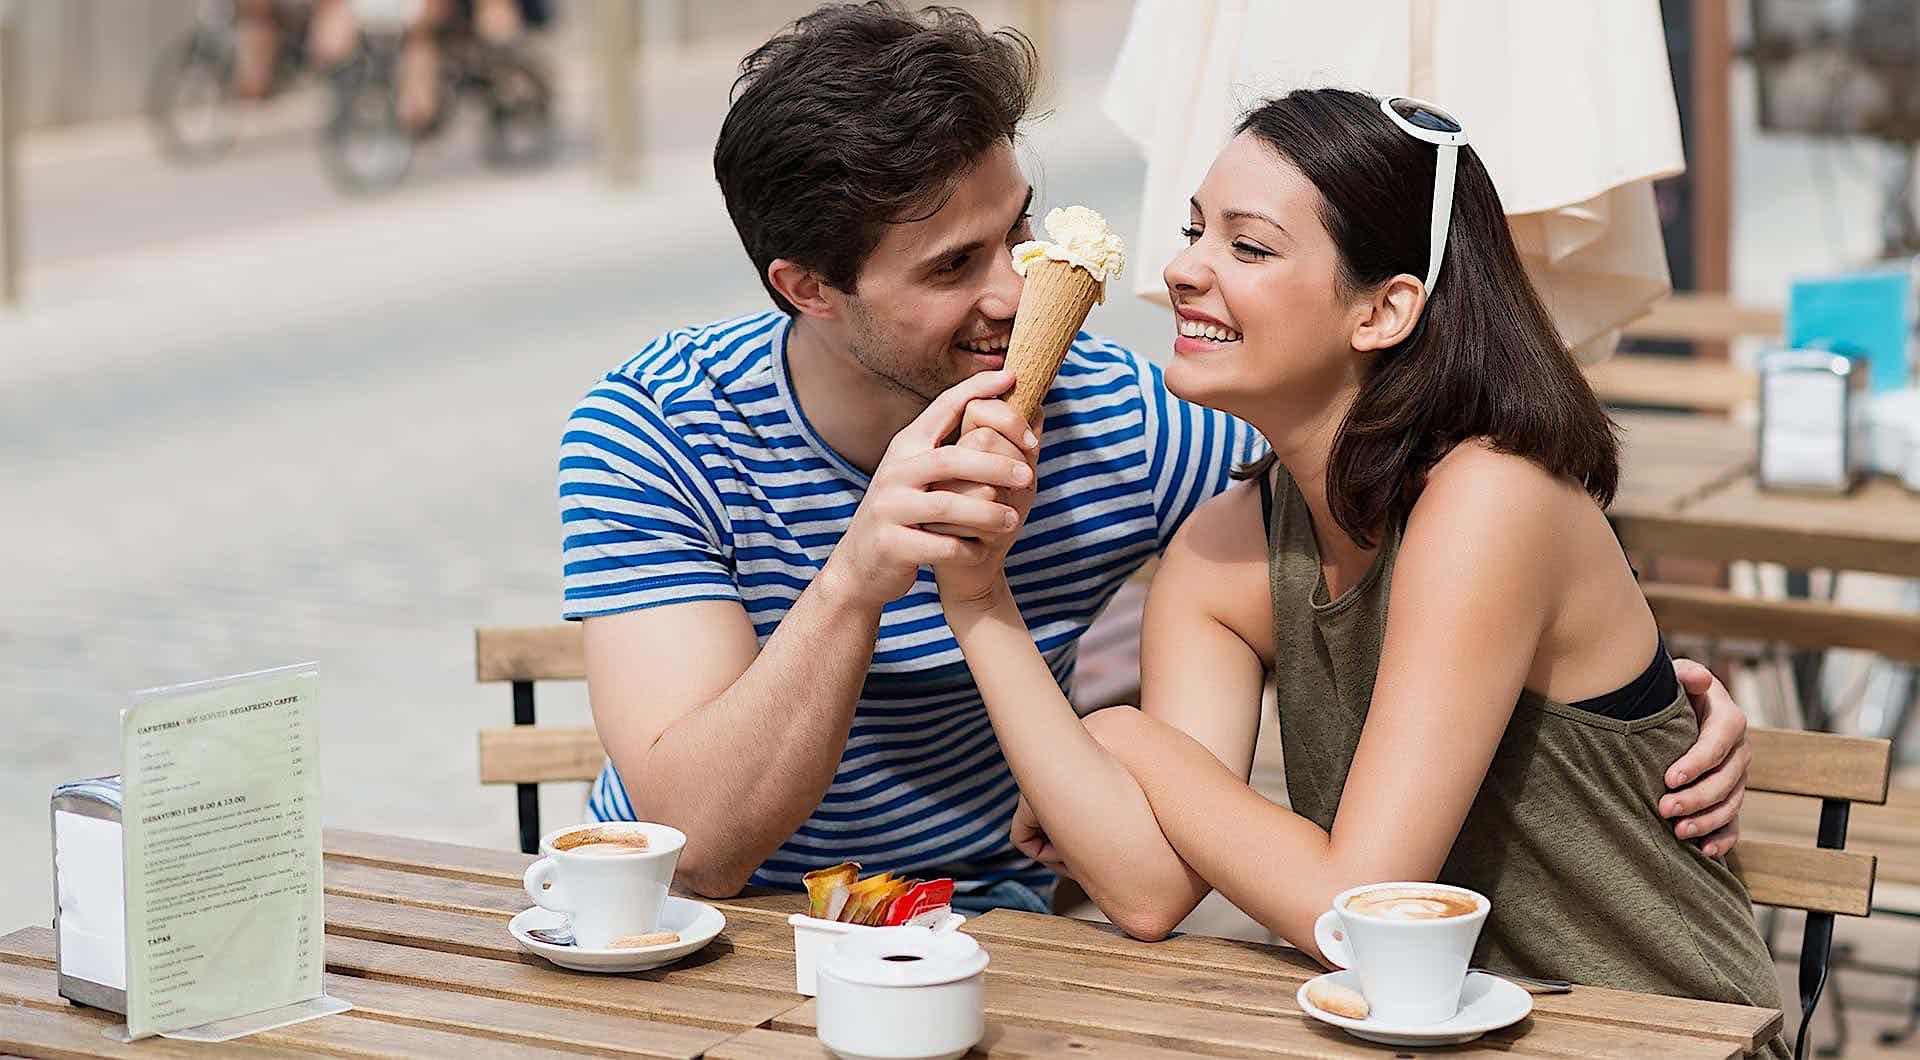 Ein Paar isst Eiscreme und Krinkt Kaffee in einem Café